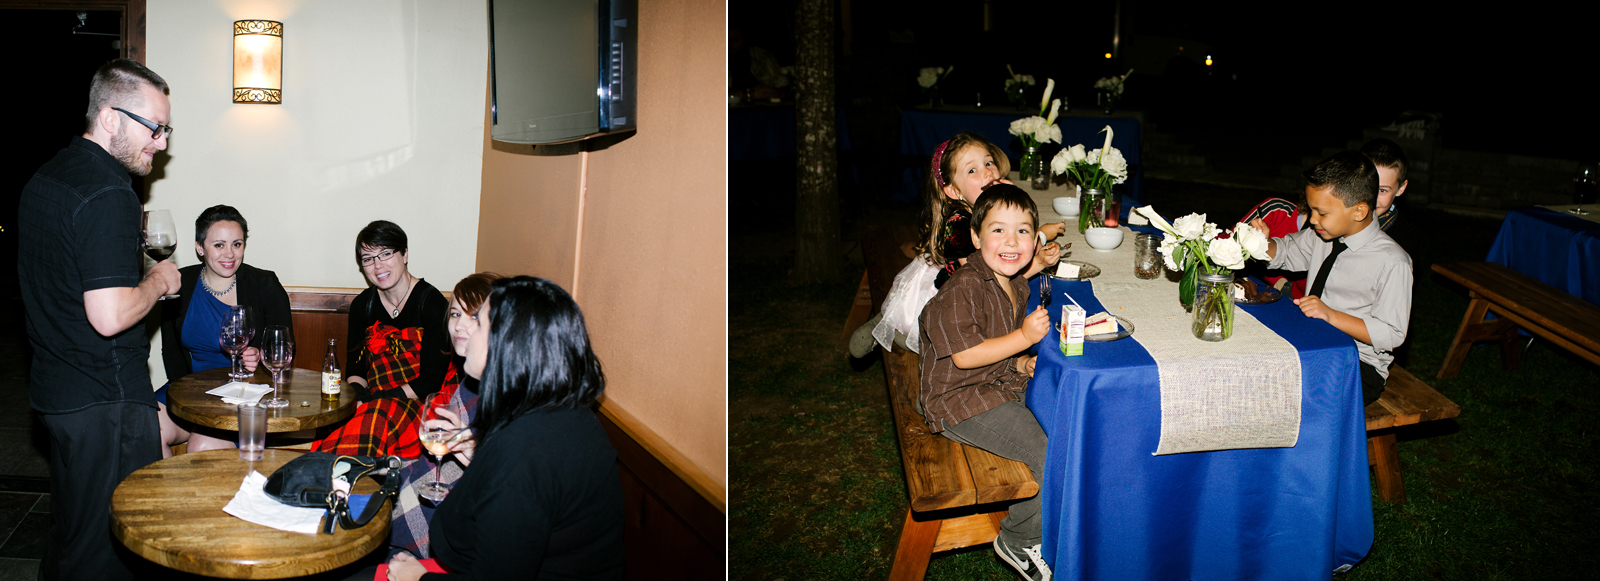 081-daronjackson-rich-wedding.jpg